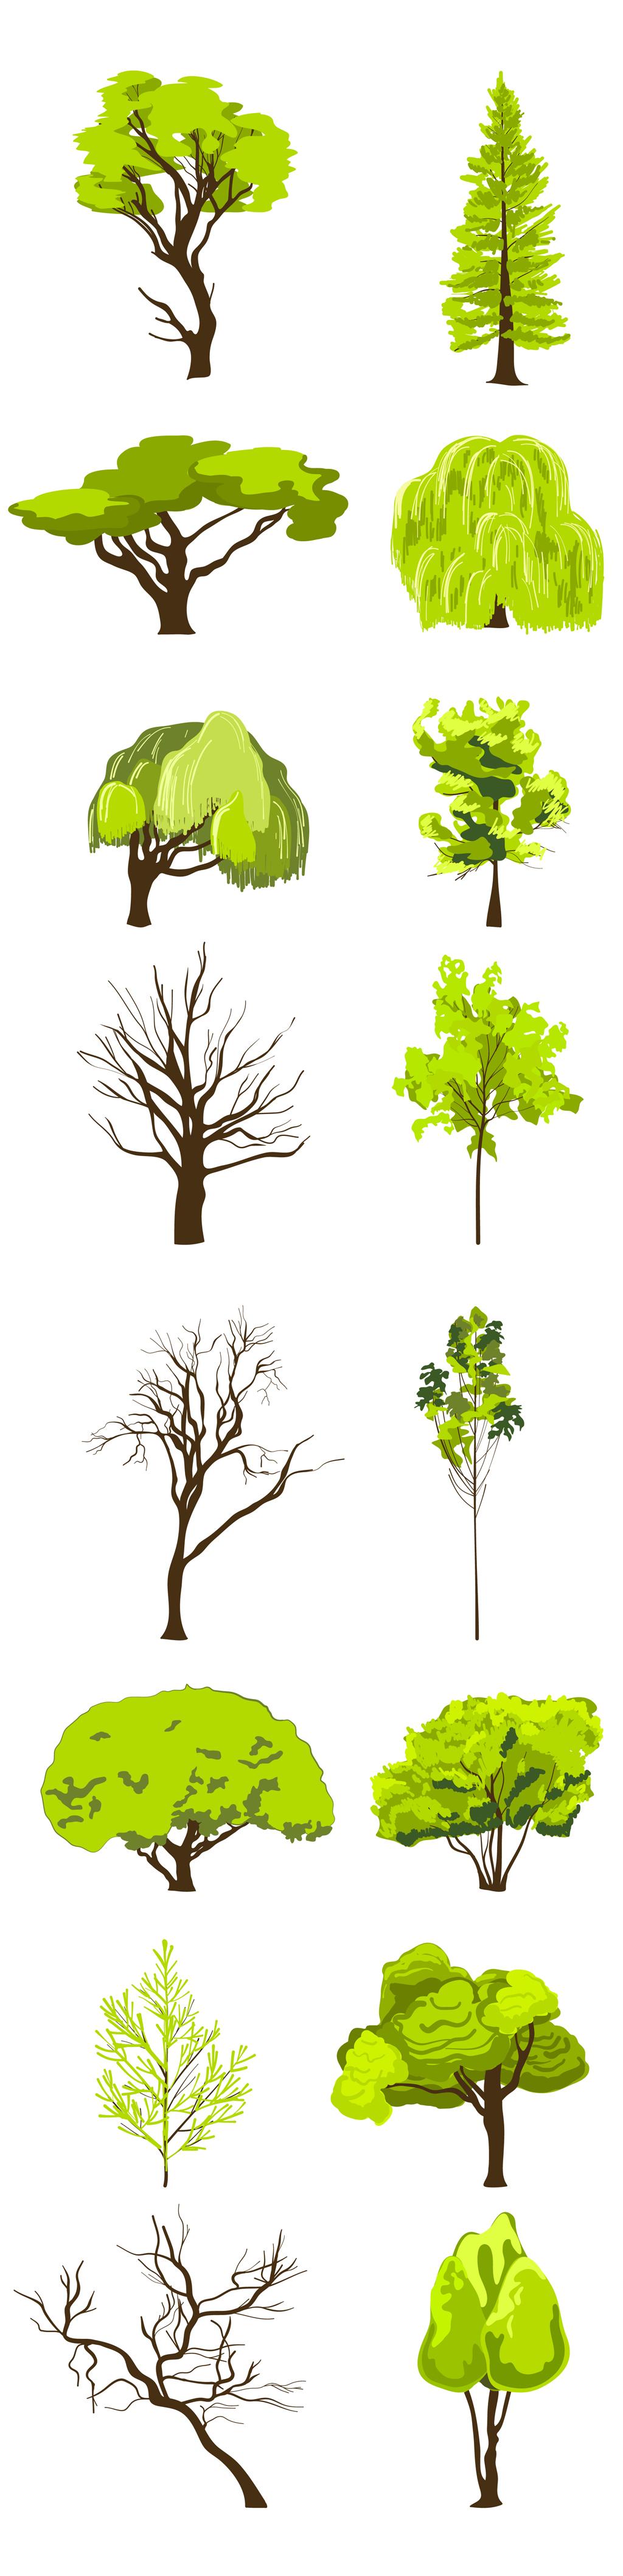 创意手绘卡通树树干矢量素材